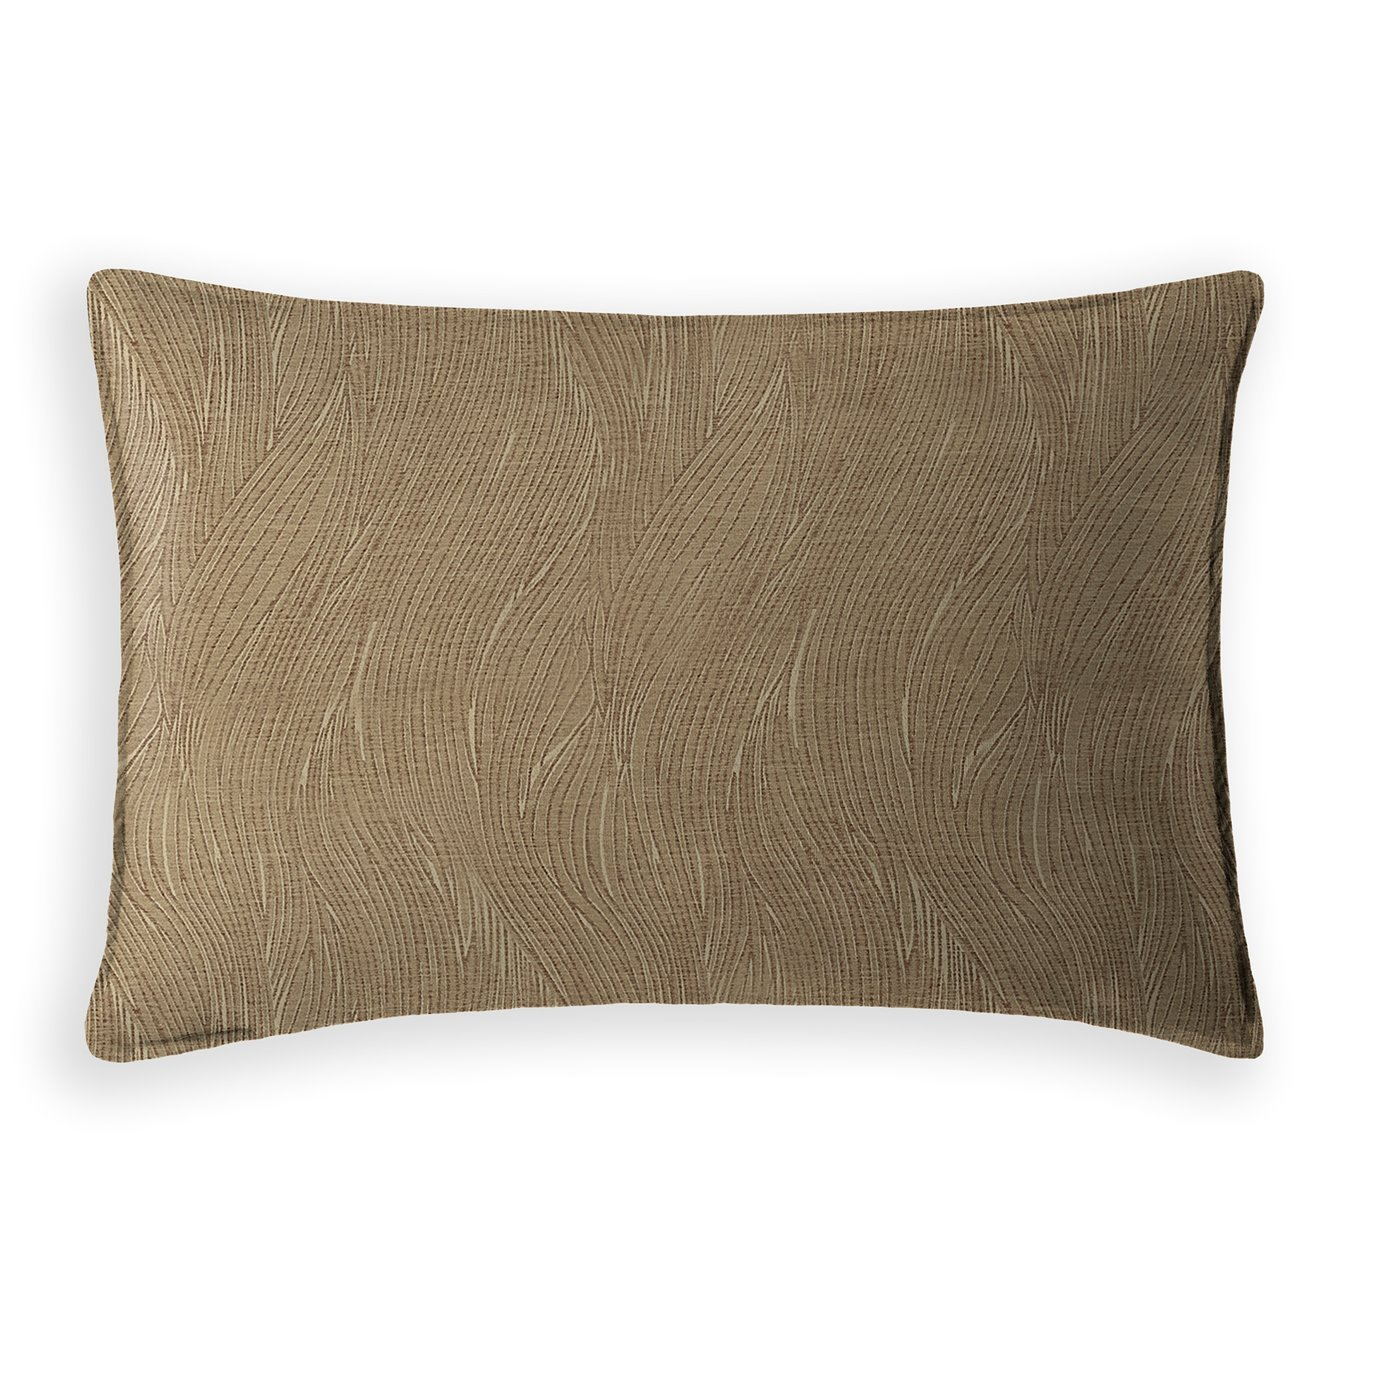 Elmwood Pillow Sham - Standard/Queen